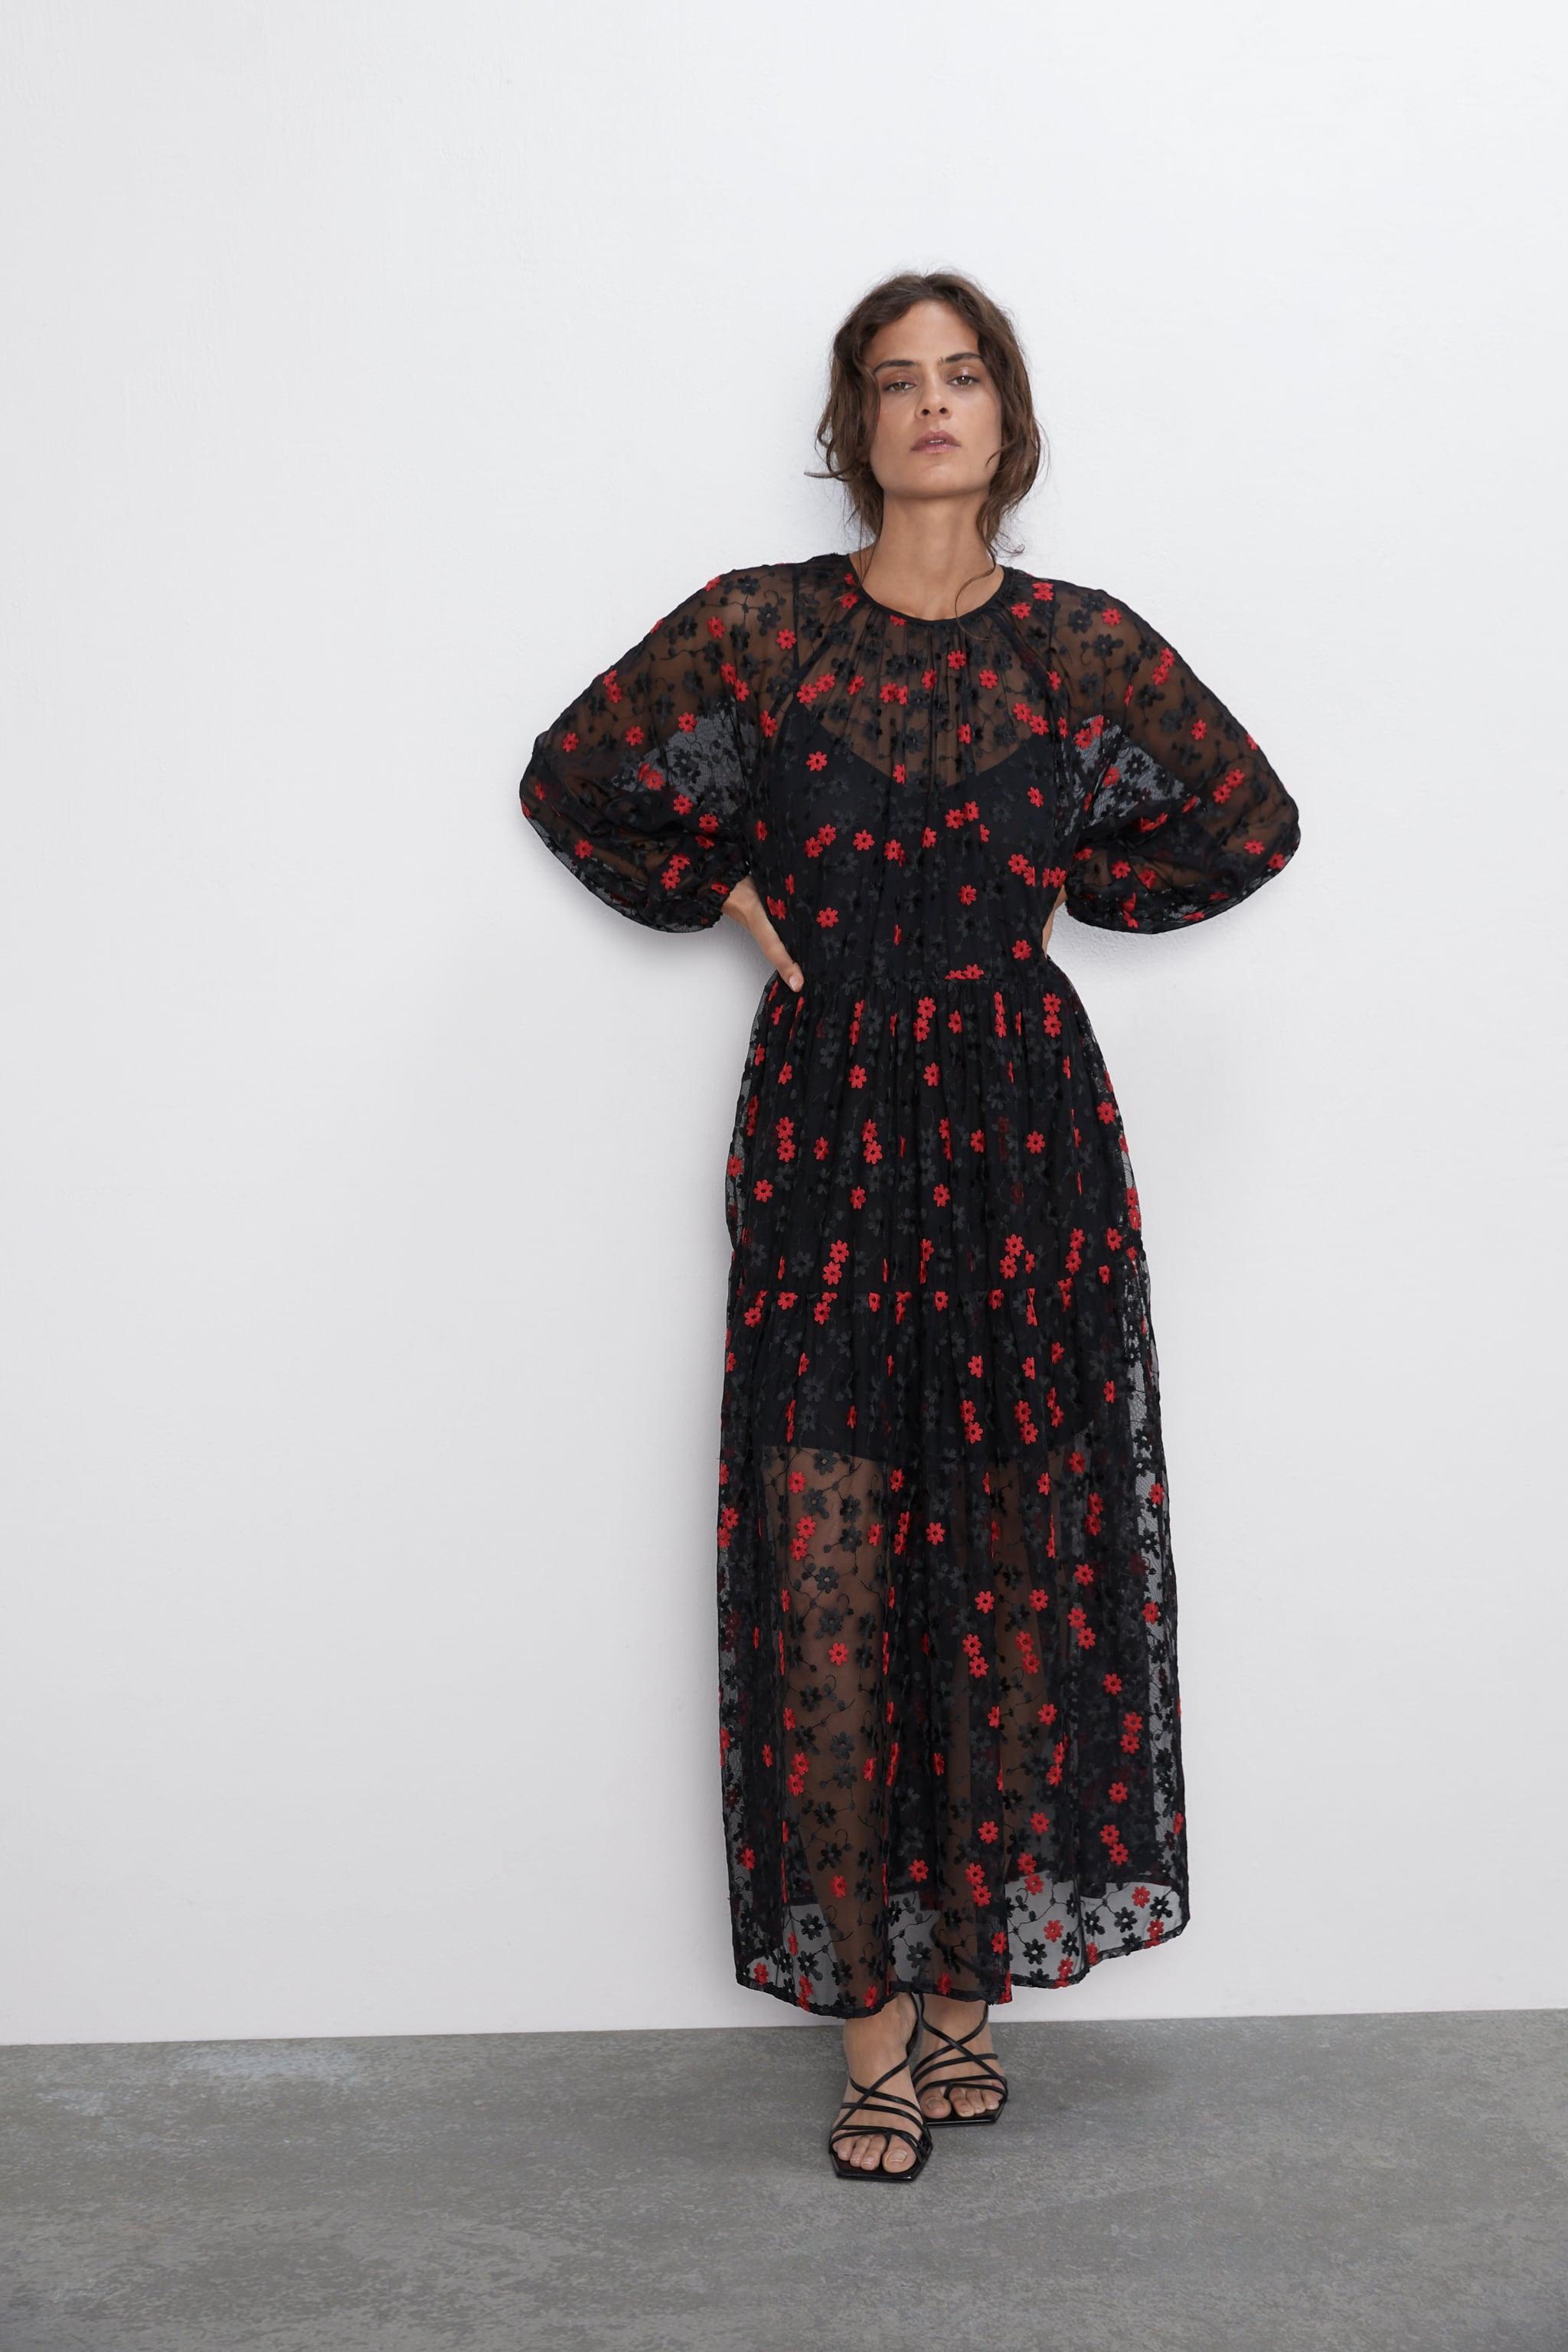 μοντέλο με φλοράλ φόρεμα Zara